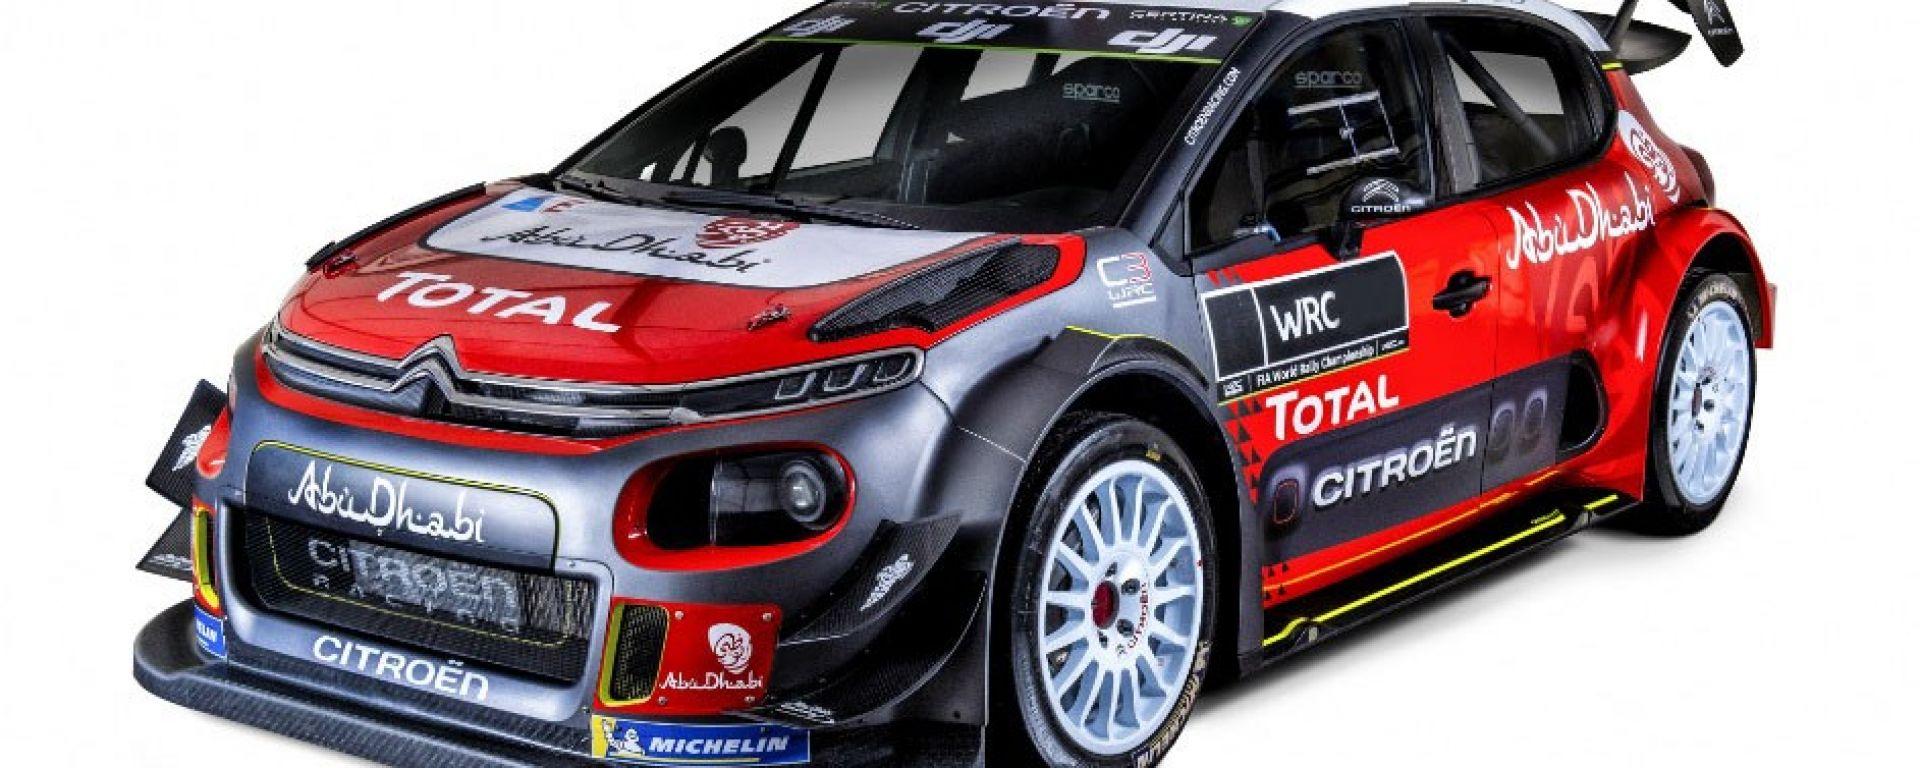 Citroen Racing WRC 2019